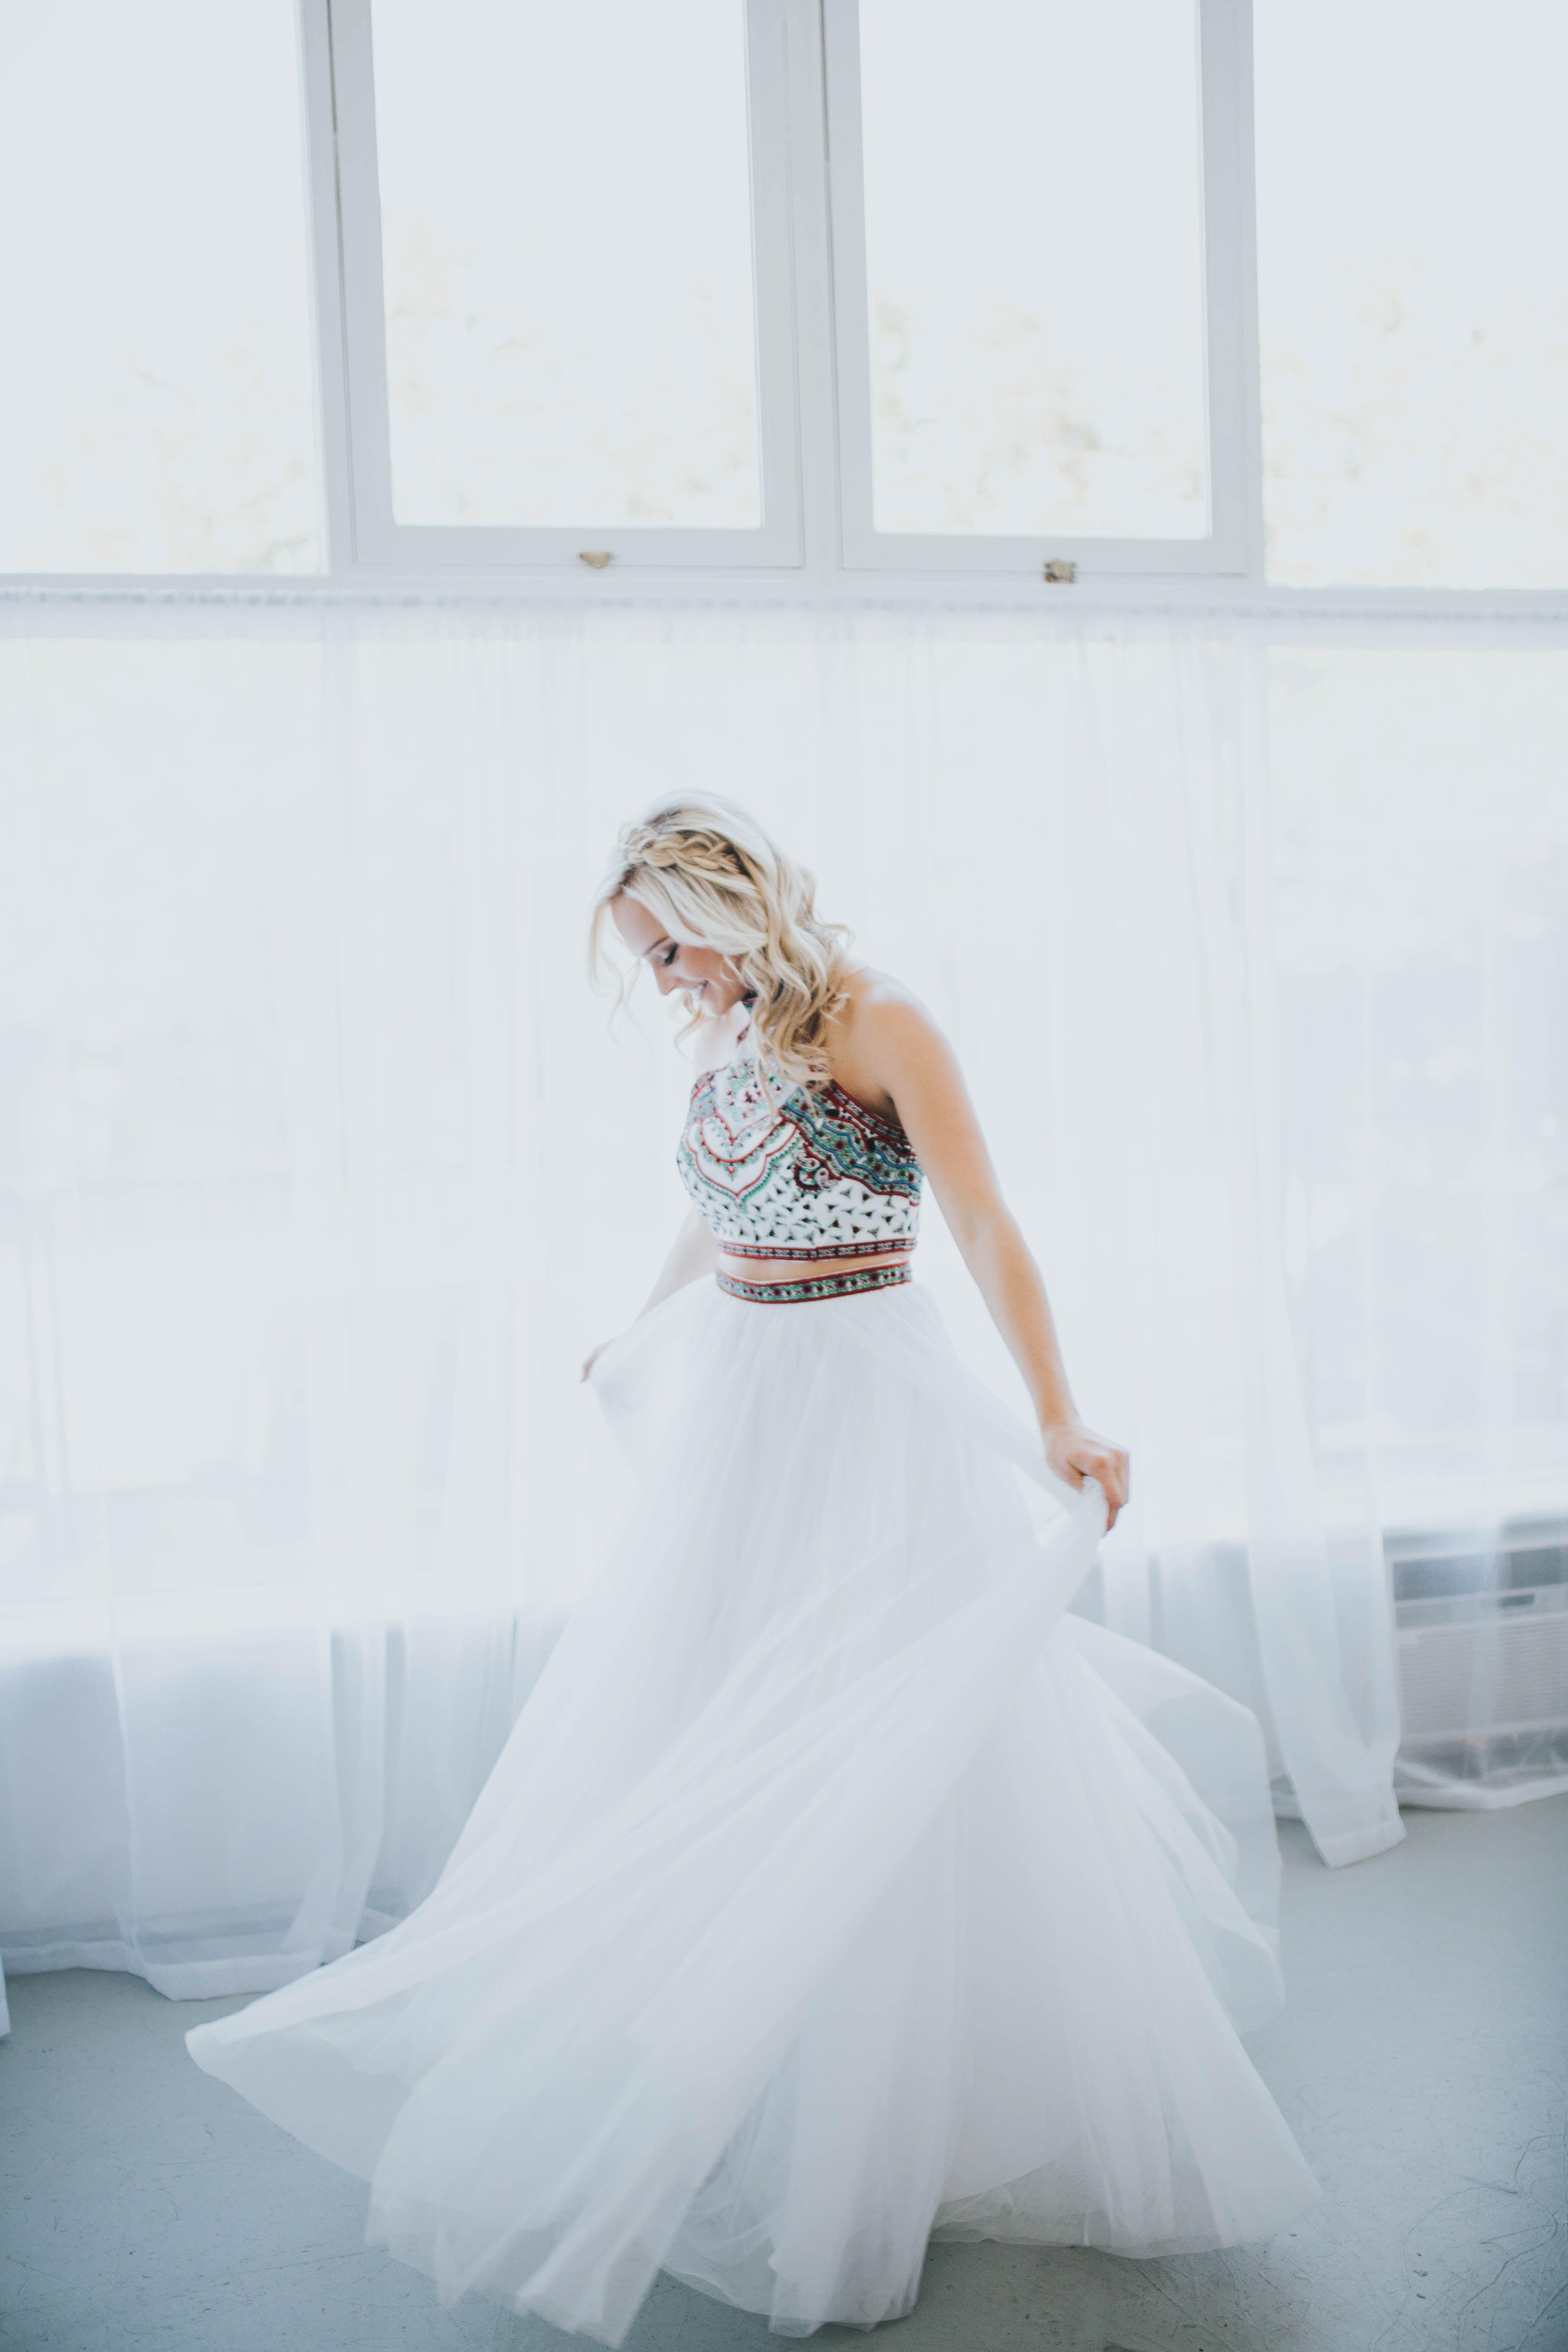 Beste Brautkleid Läden In Utah Ideen - Brautkleider Ideen - cashingy ...